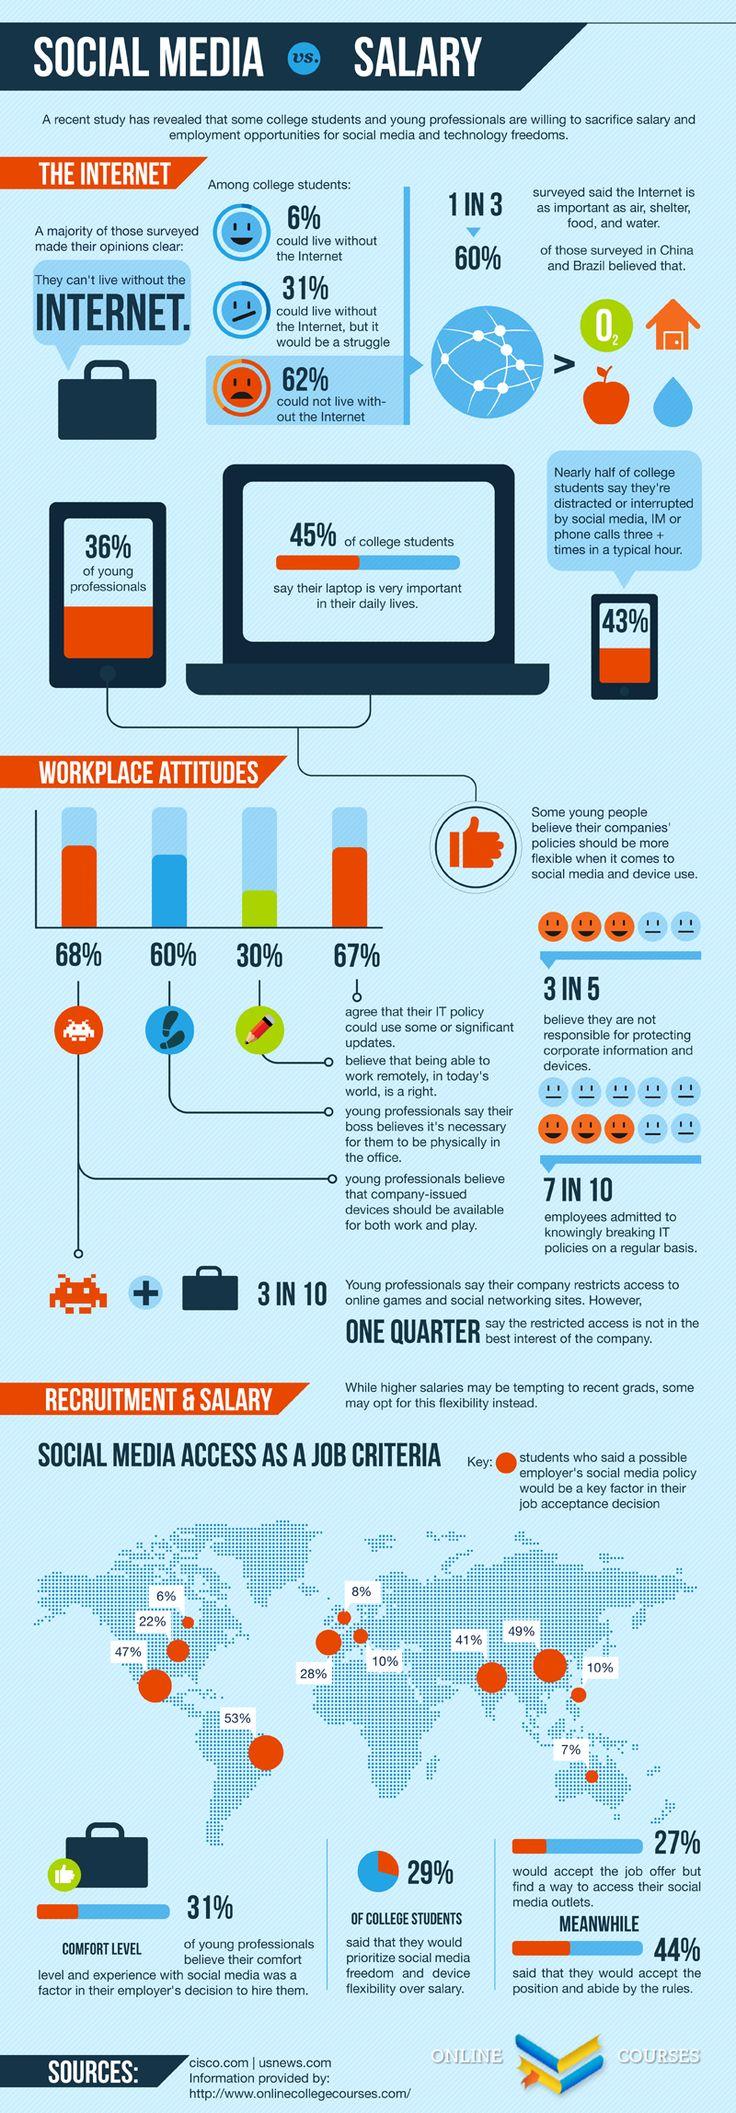 Social Media vs Salary infographic